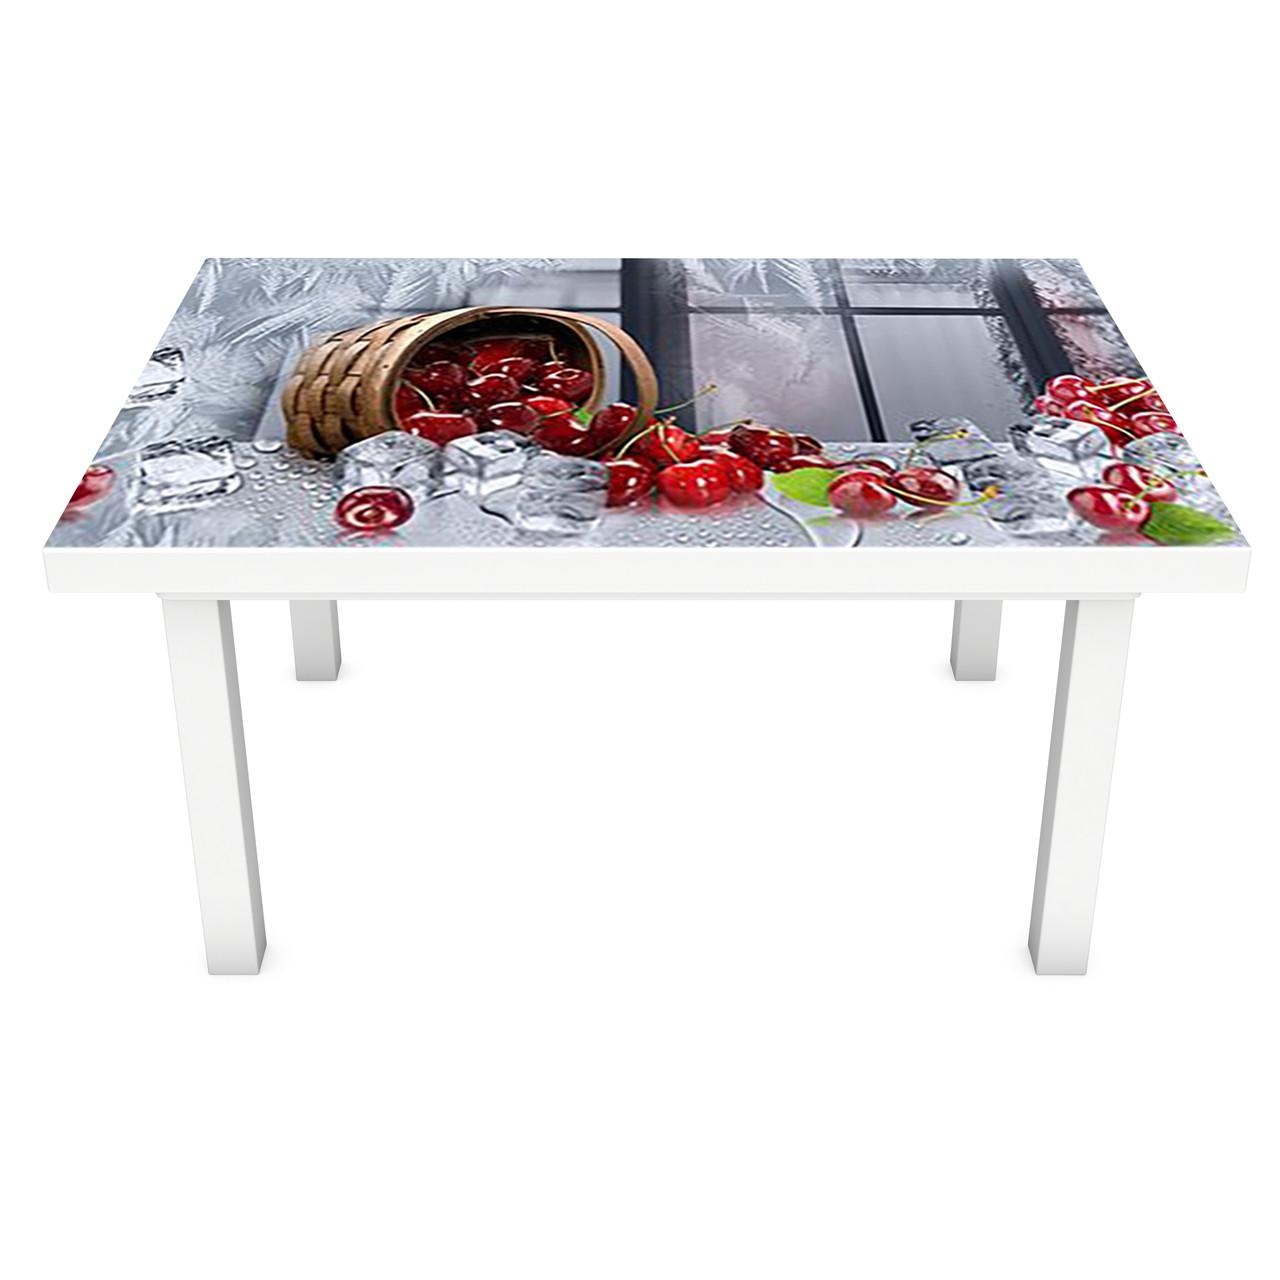 Наклейка на стол виниловая Ледяная Вишня (ПВХ пленка для мебели интерьерная 3D) ягоды лед серый 600*1200 мм